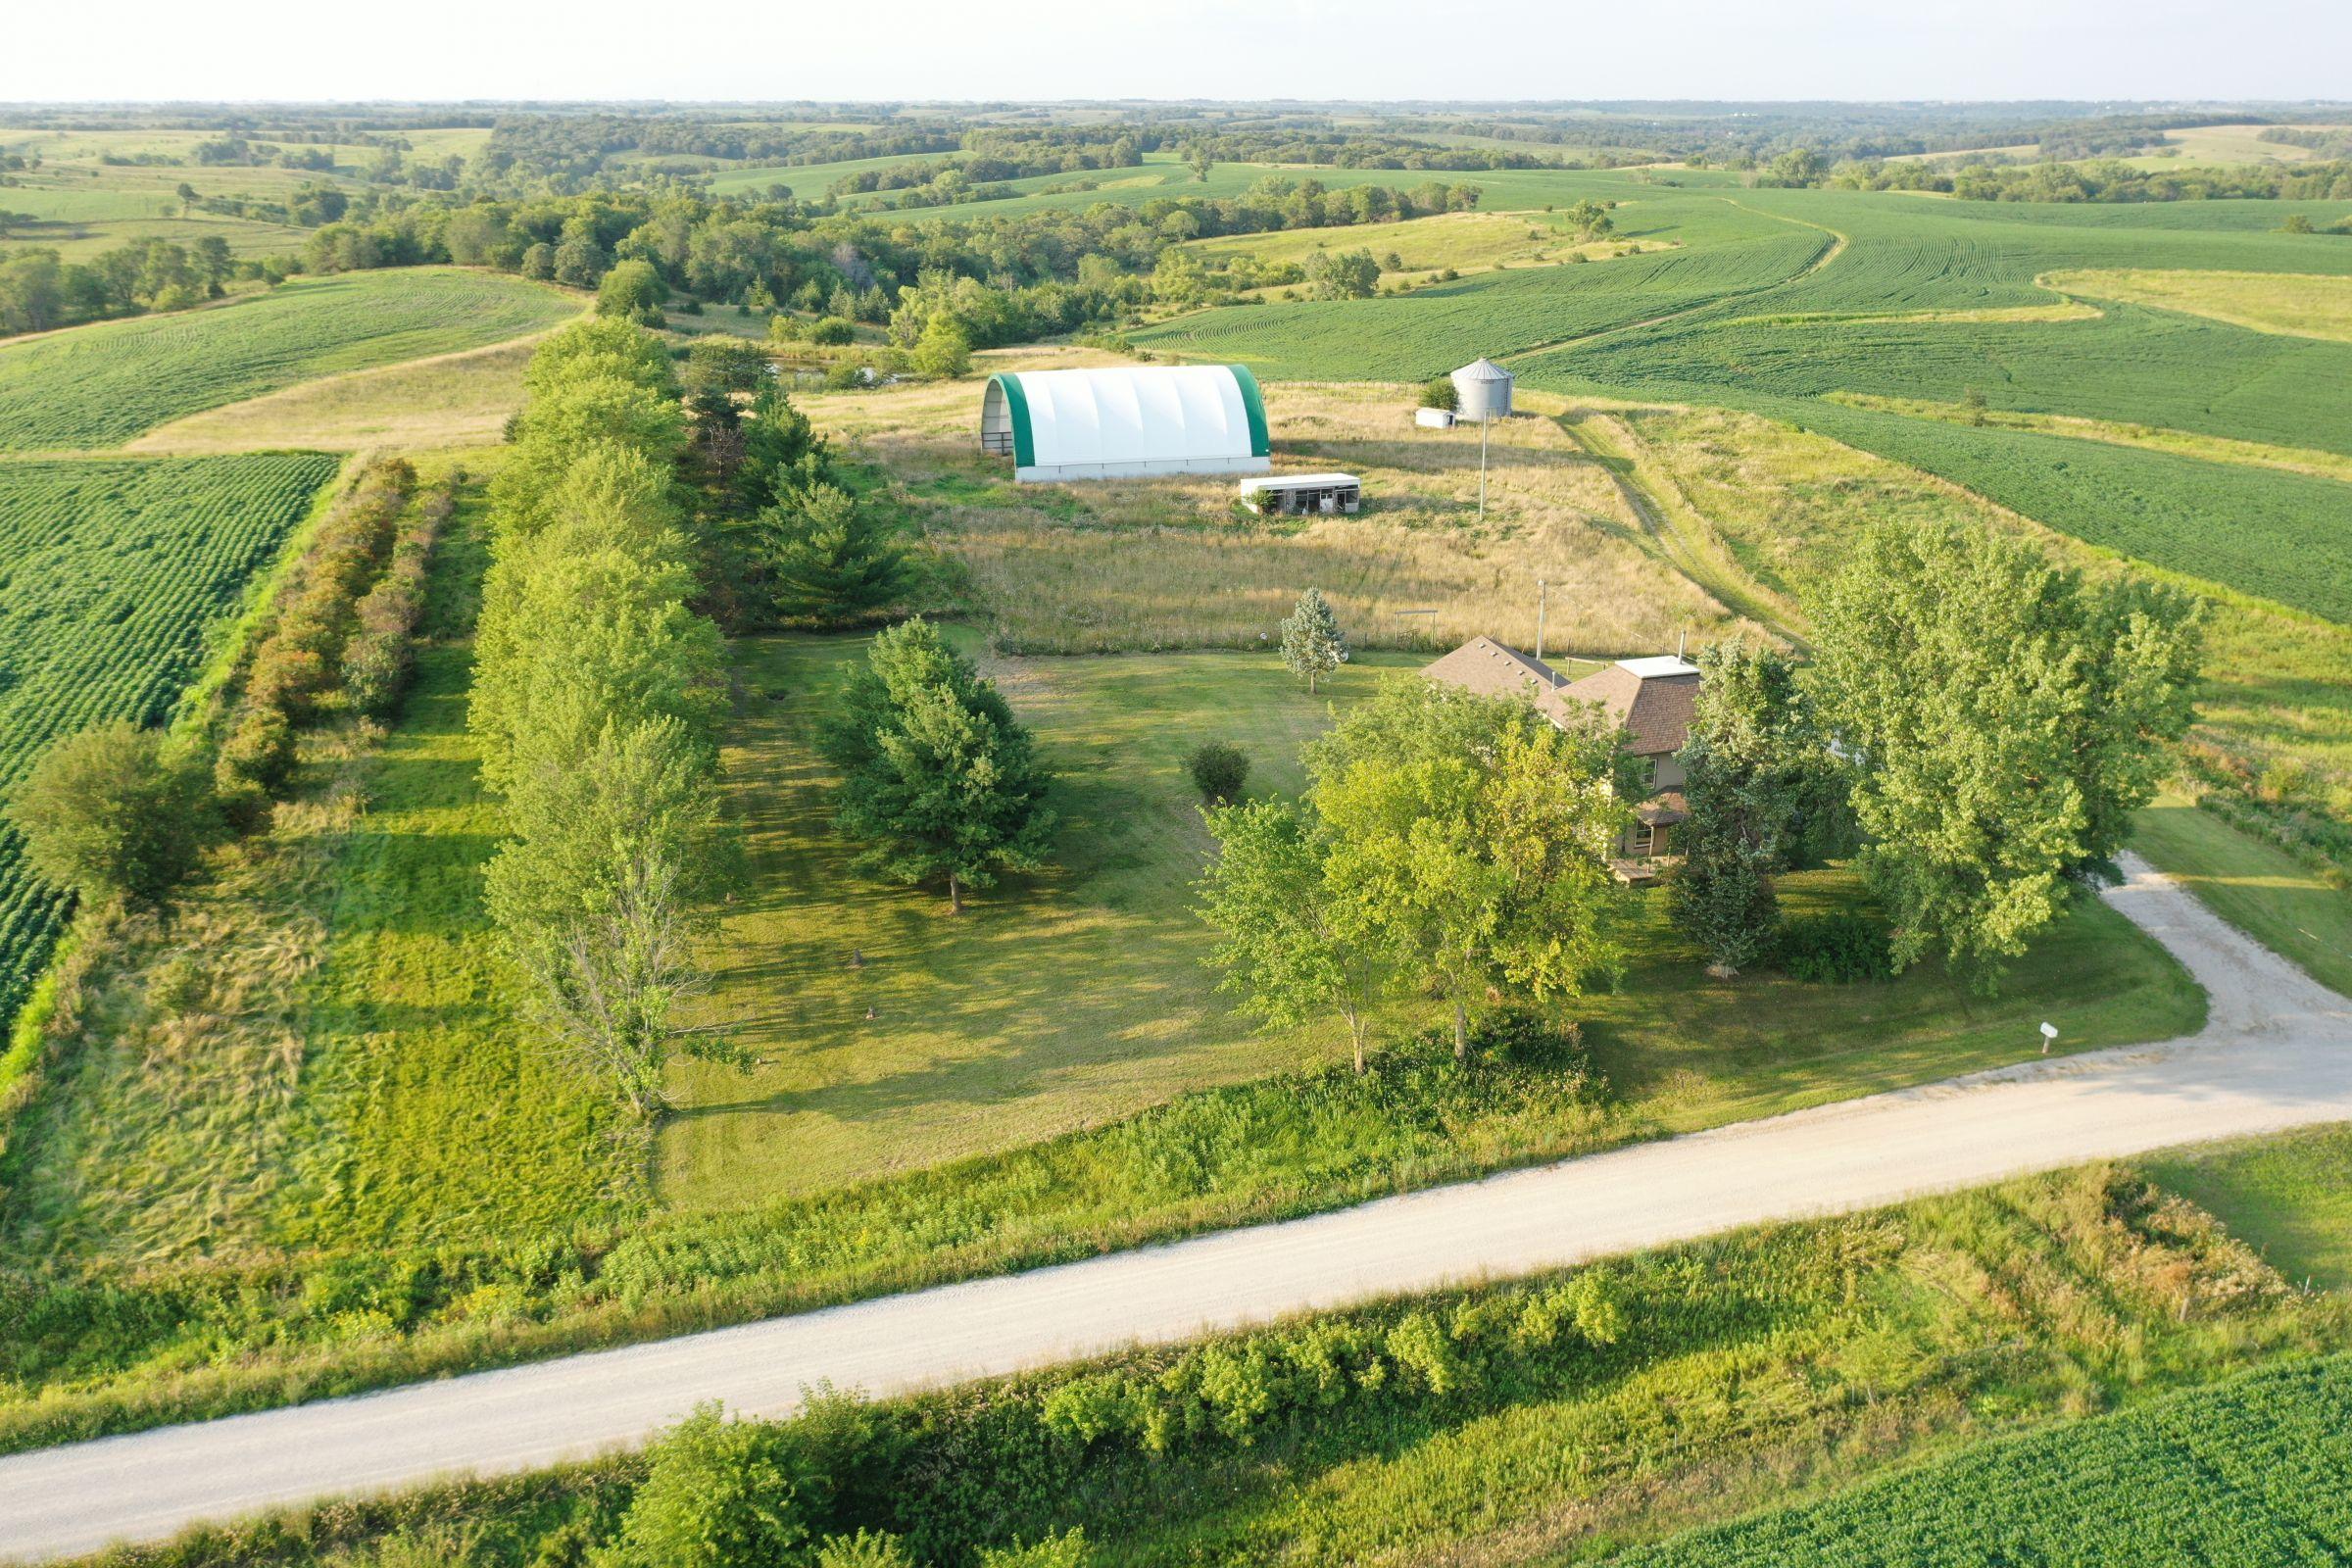 adair-county-iowa-6-acres-listing-number-15664-5-2021-08-04-193041.JPG